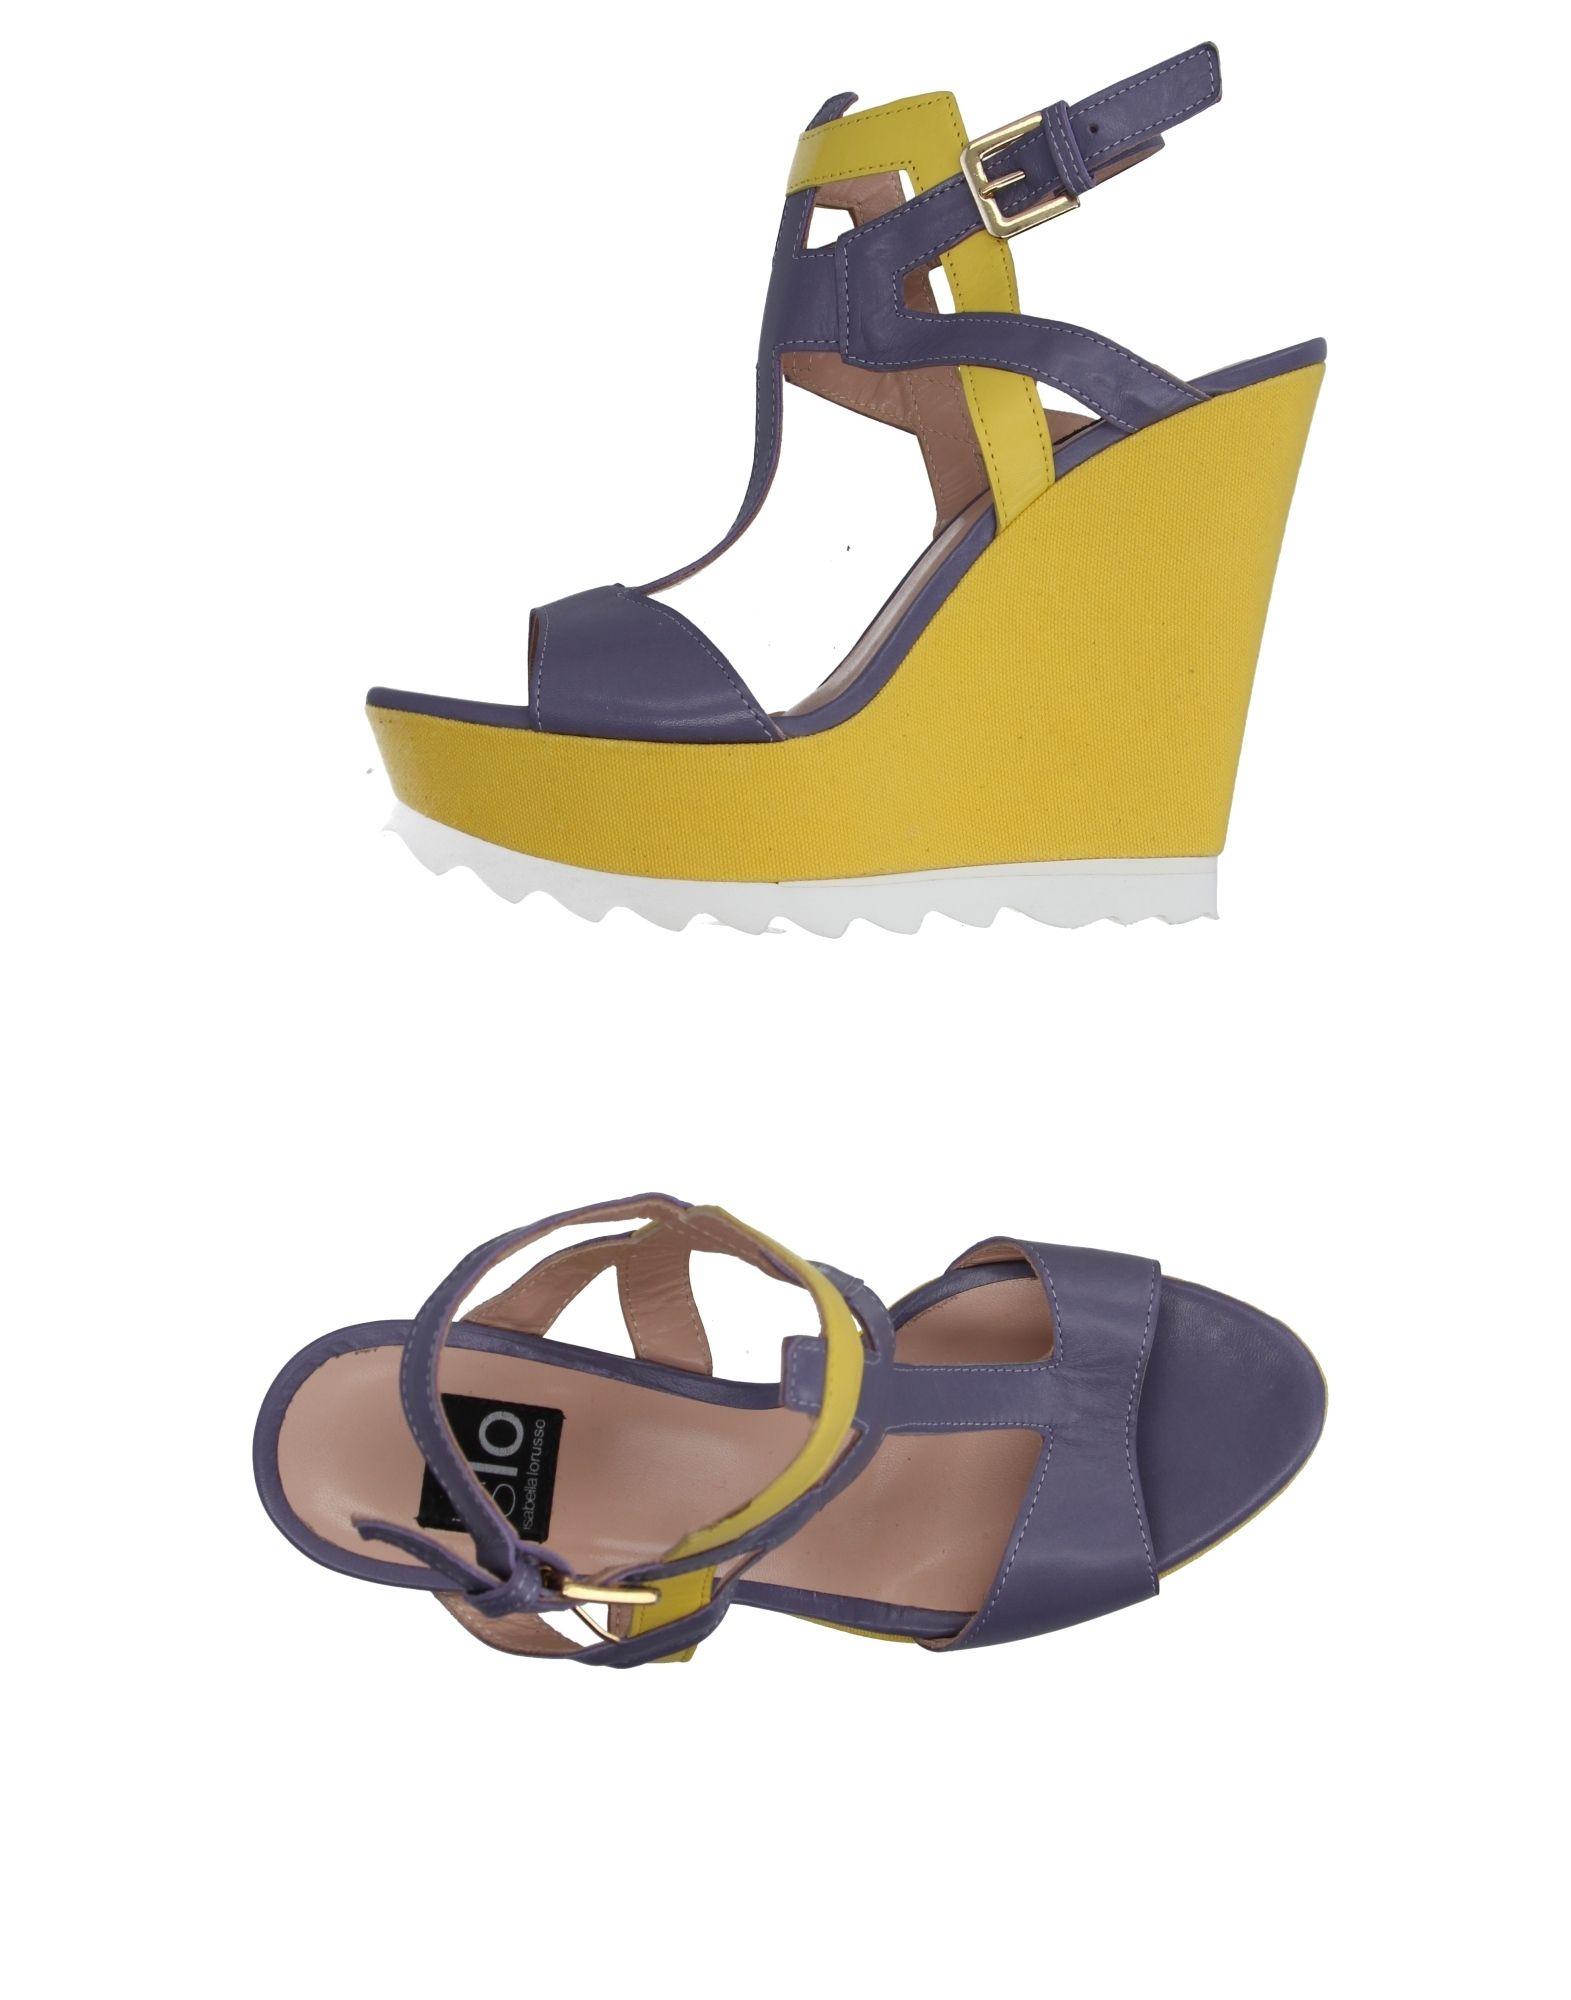 Islo Isabella Lorusso Neue Sandalen Damen  11161679FW Neue Lorusso Schuhe a50eee